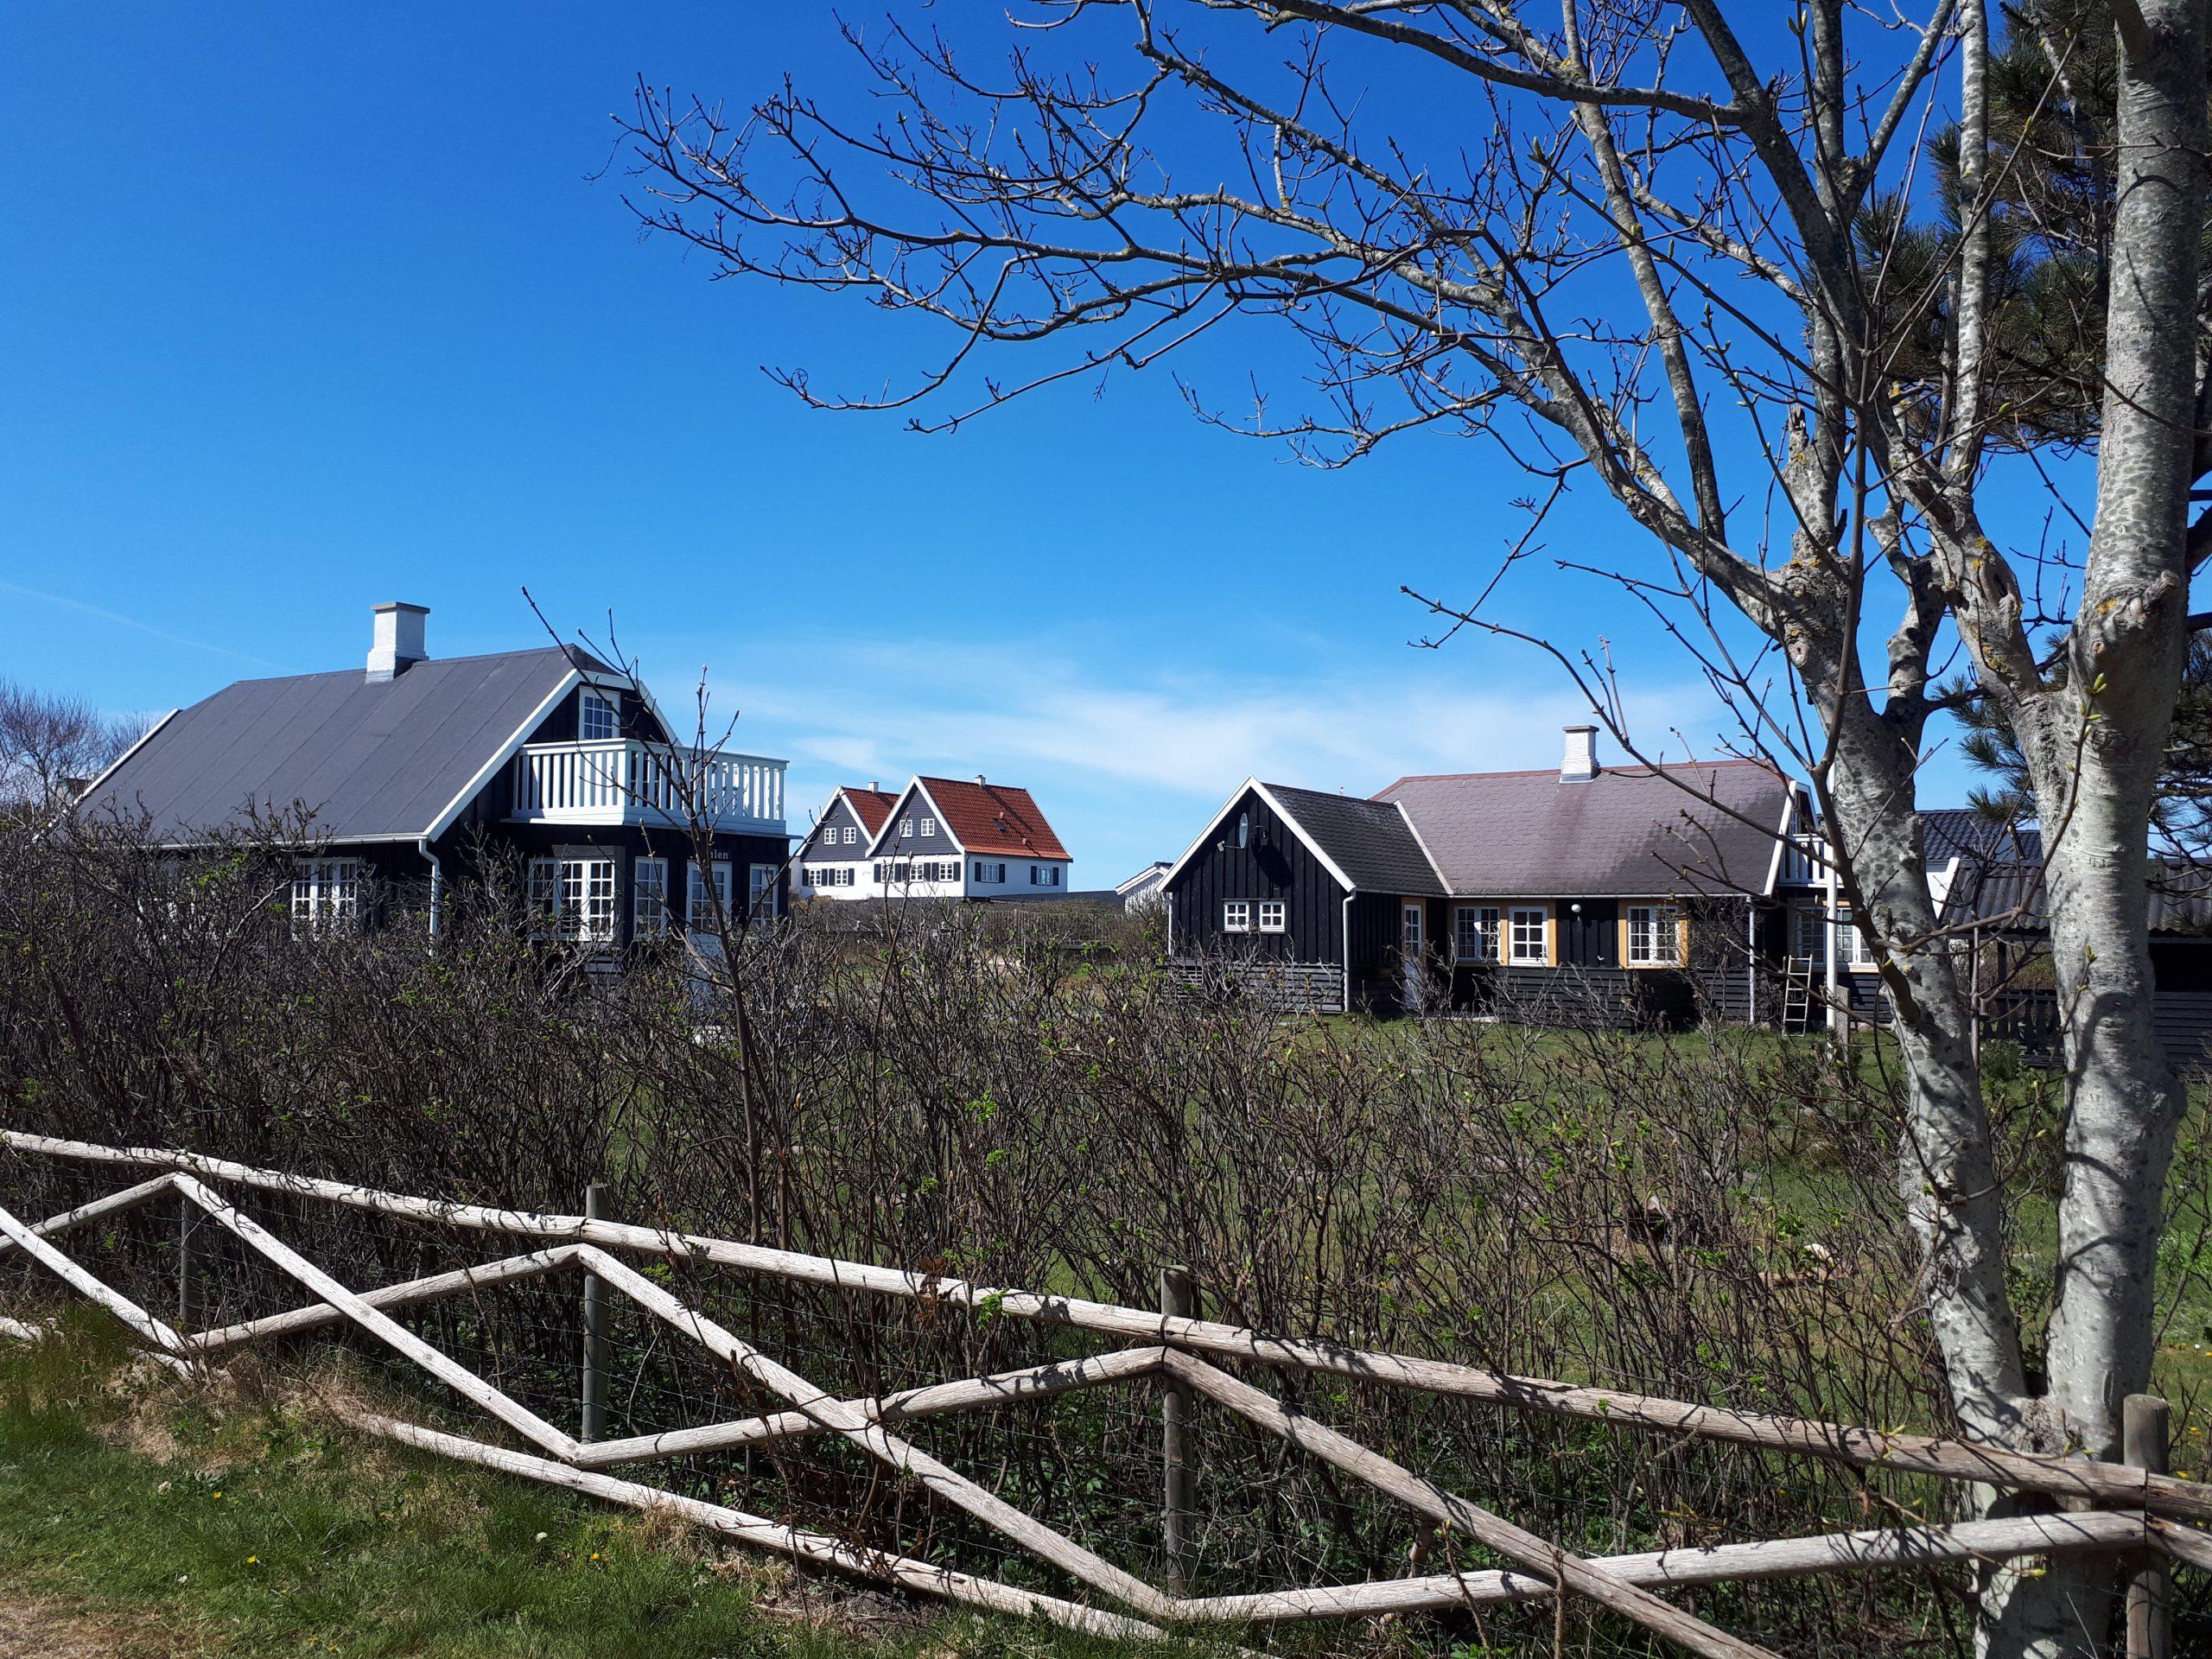 Coronakrisen har lukket mange landegrænser, det øger efterspørgslen på at holde for eksempel efterårsferie i danske feriehuse, viser nye tal fra Danmarks Statistik. Arkivfoto: Henrik Baumgarten.